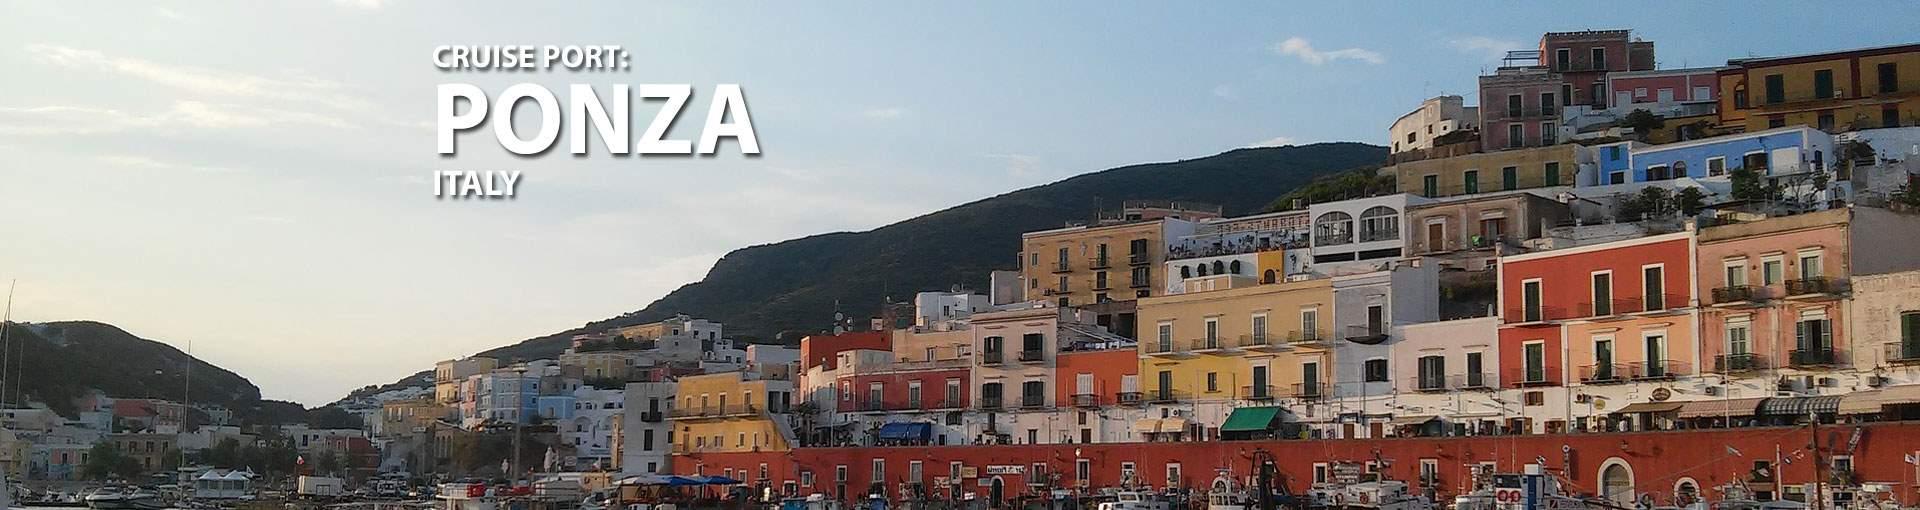 Ponza, Italy Cruise Port